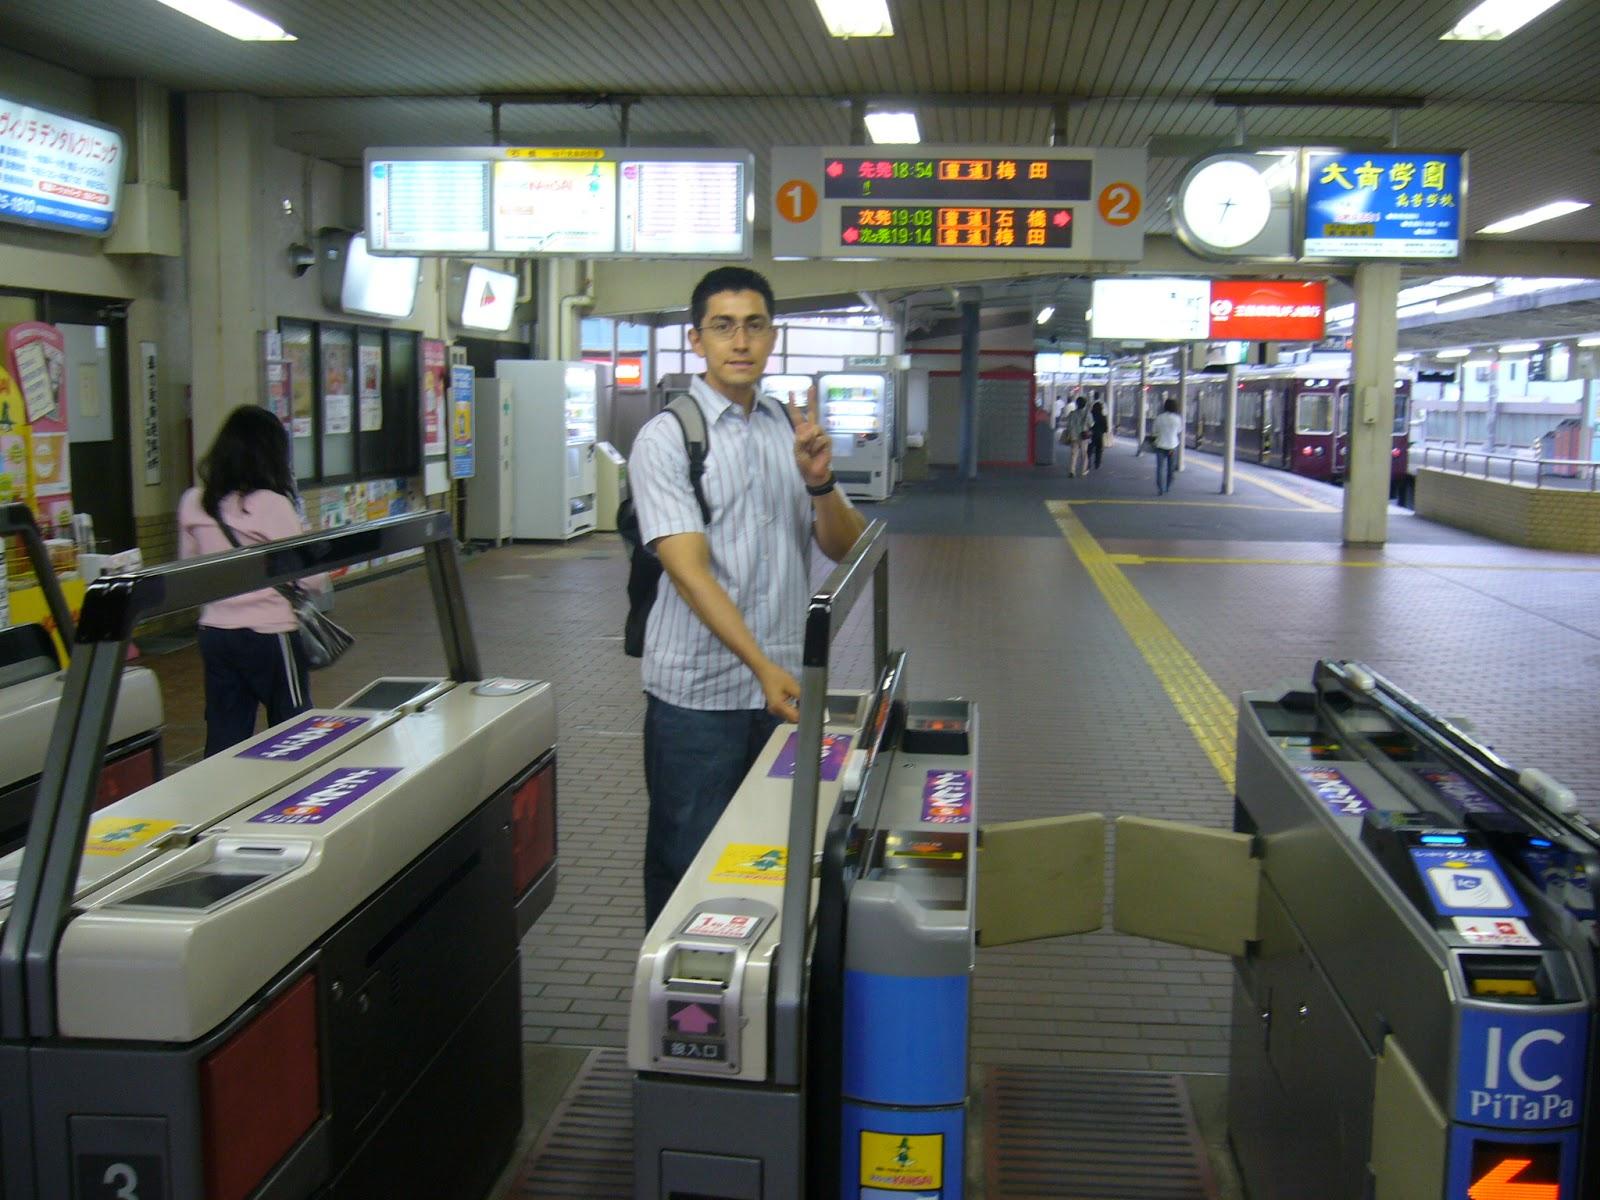 Japonesas En Mini Violadas Tren O Metro